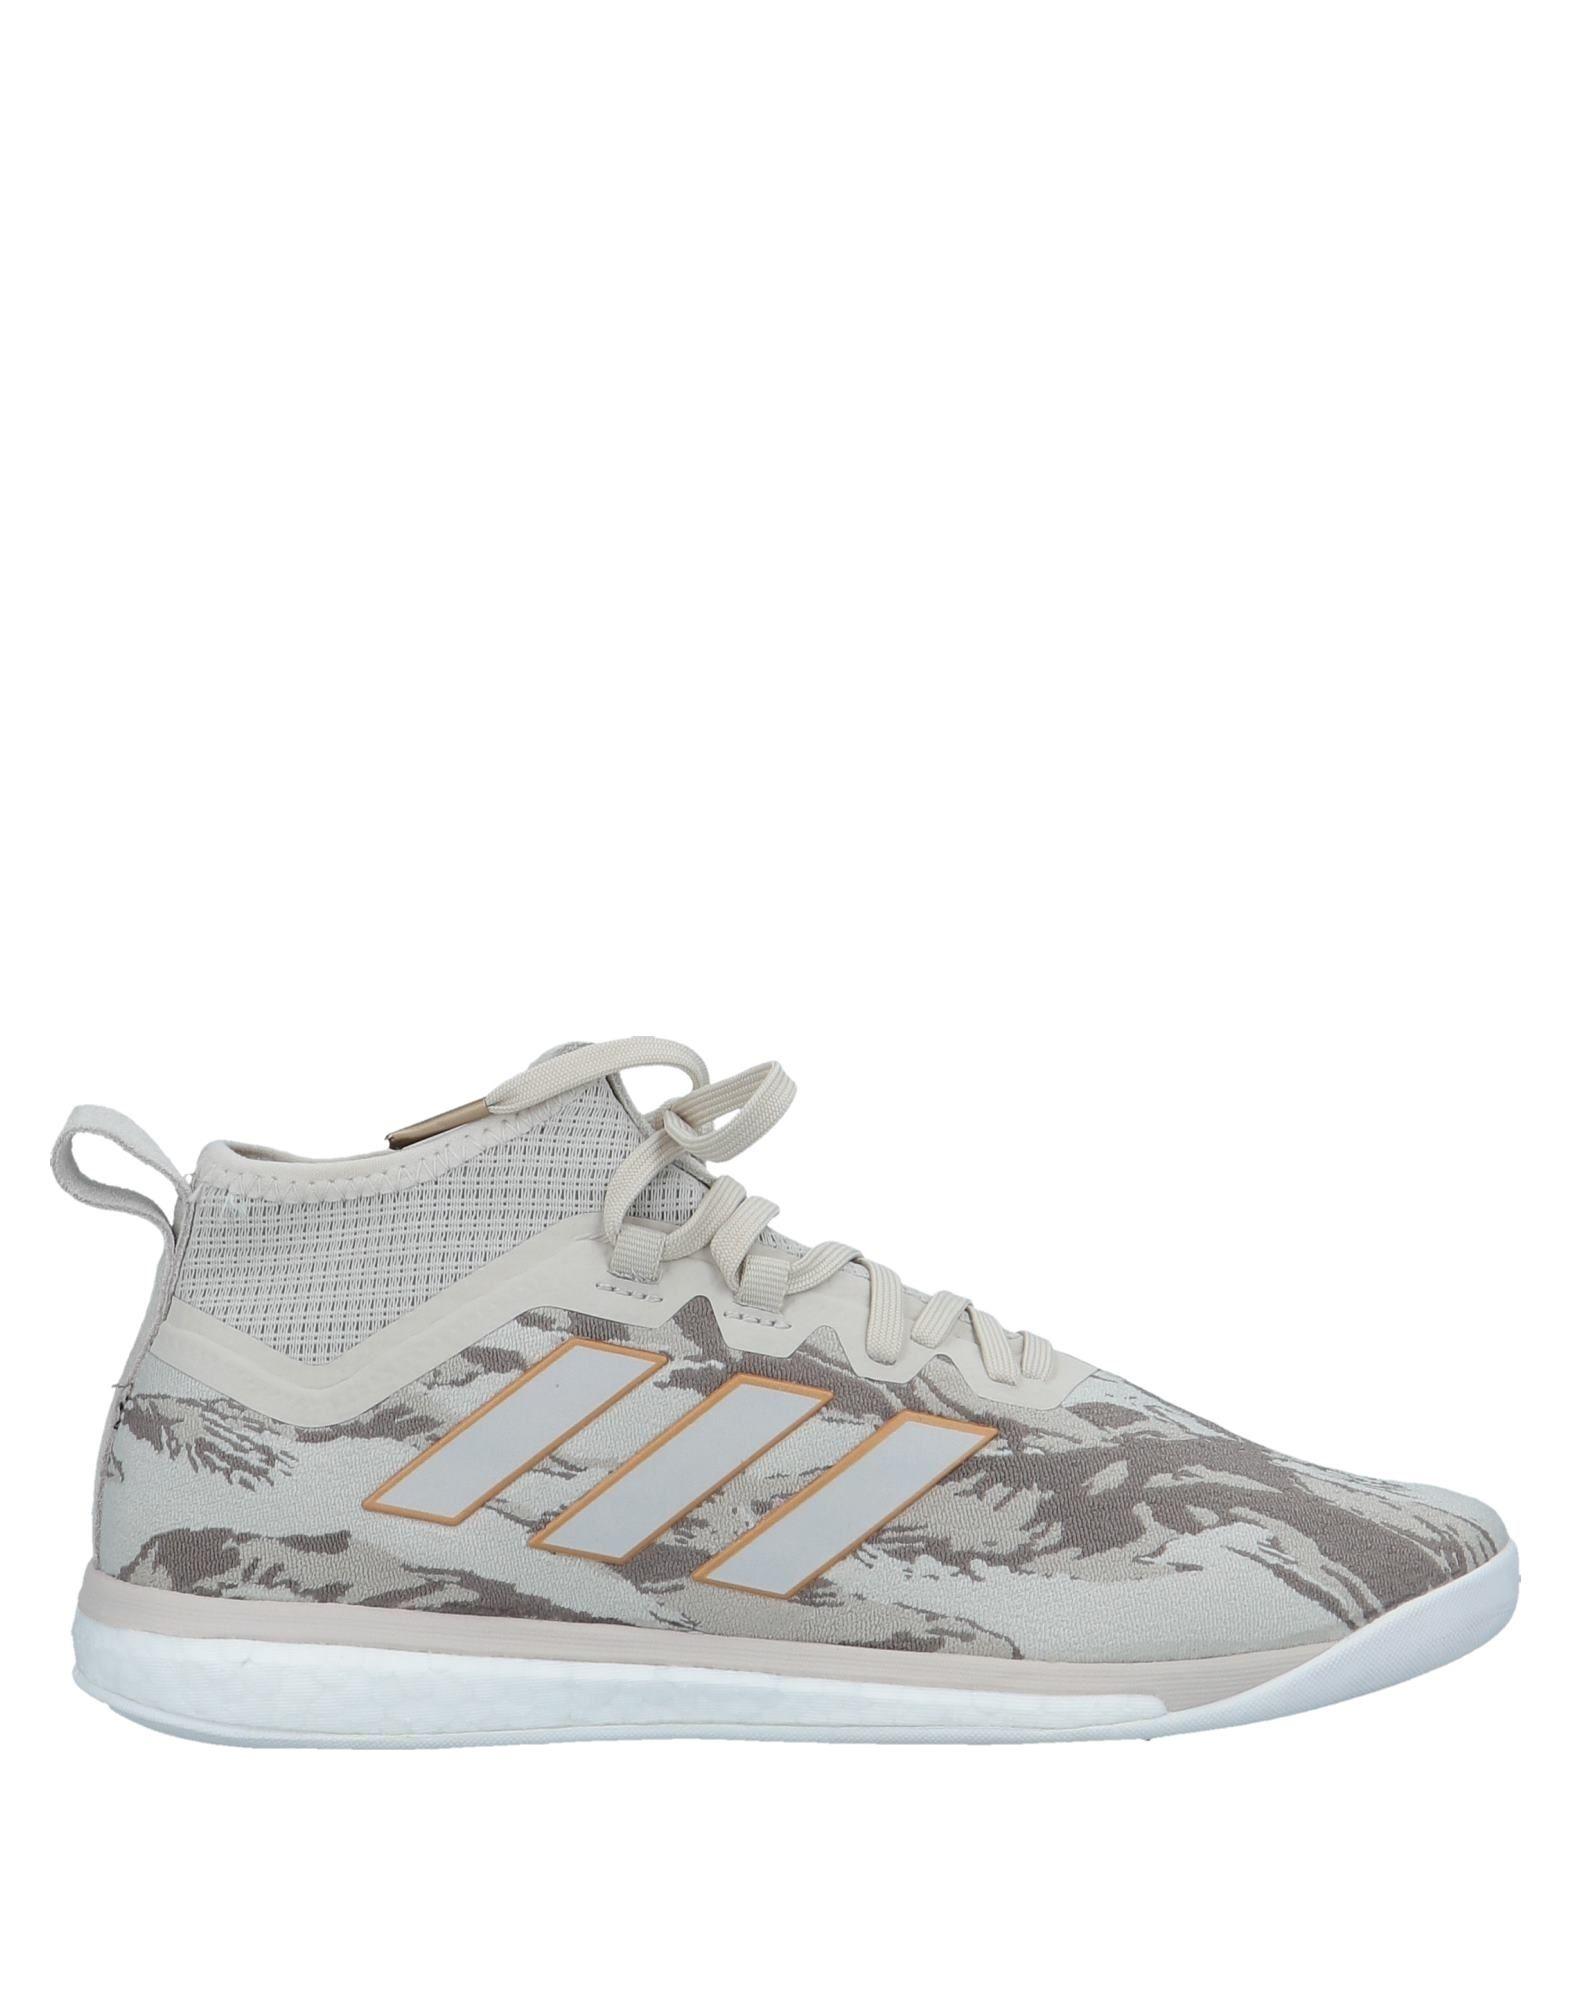 Rabatt echte Schuhe Adidas Sneakers Herren  11558345RU